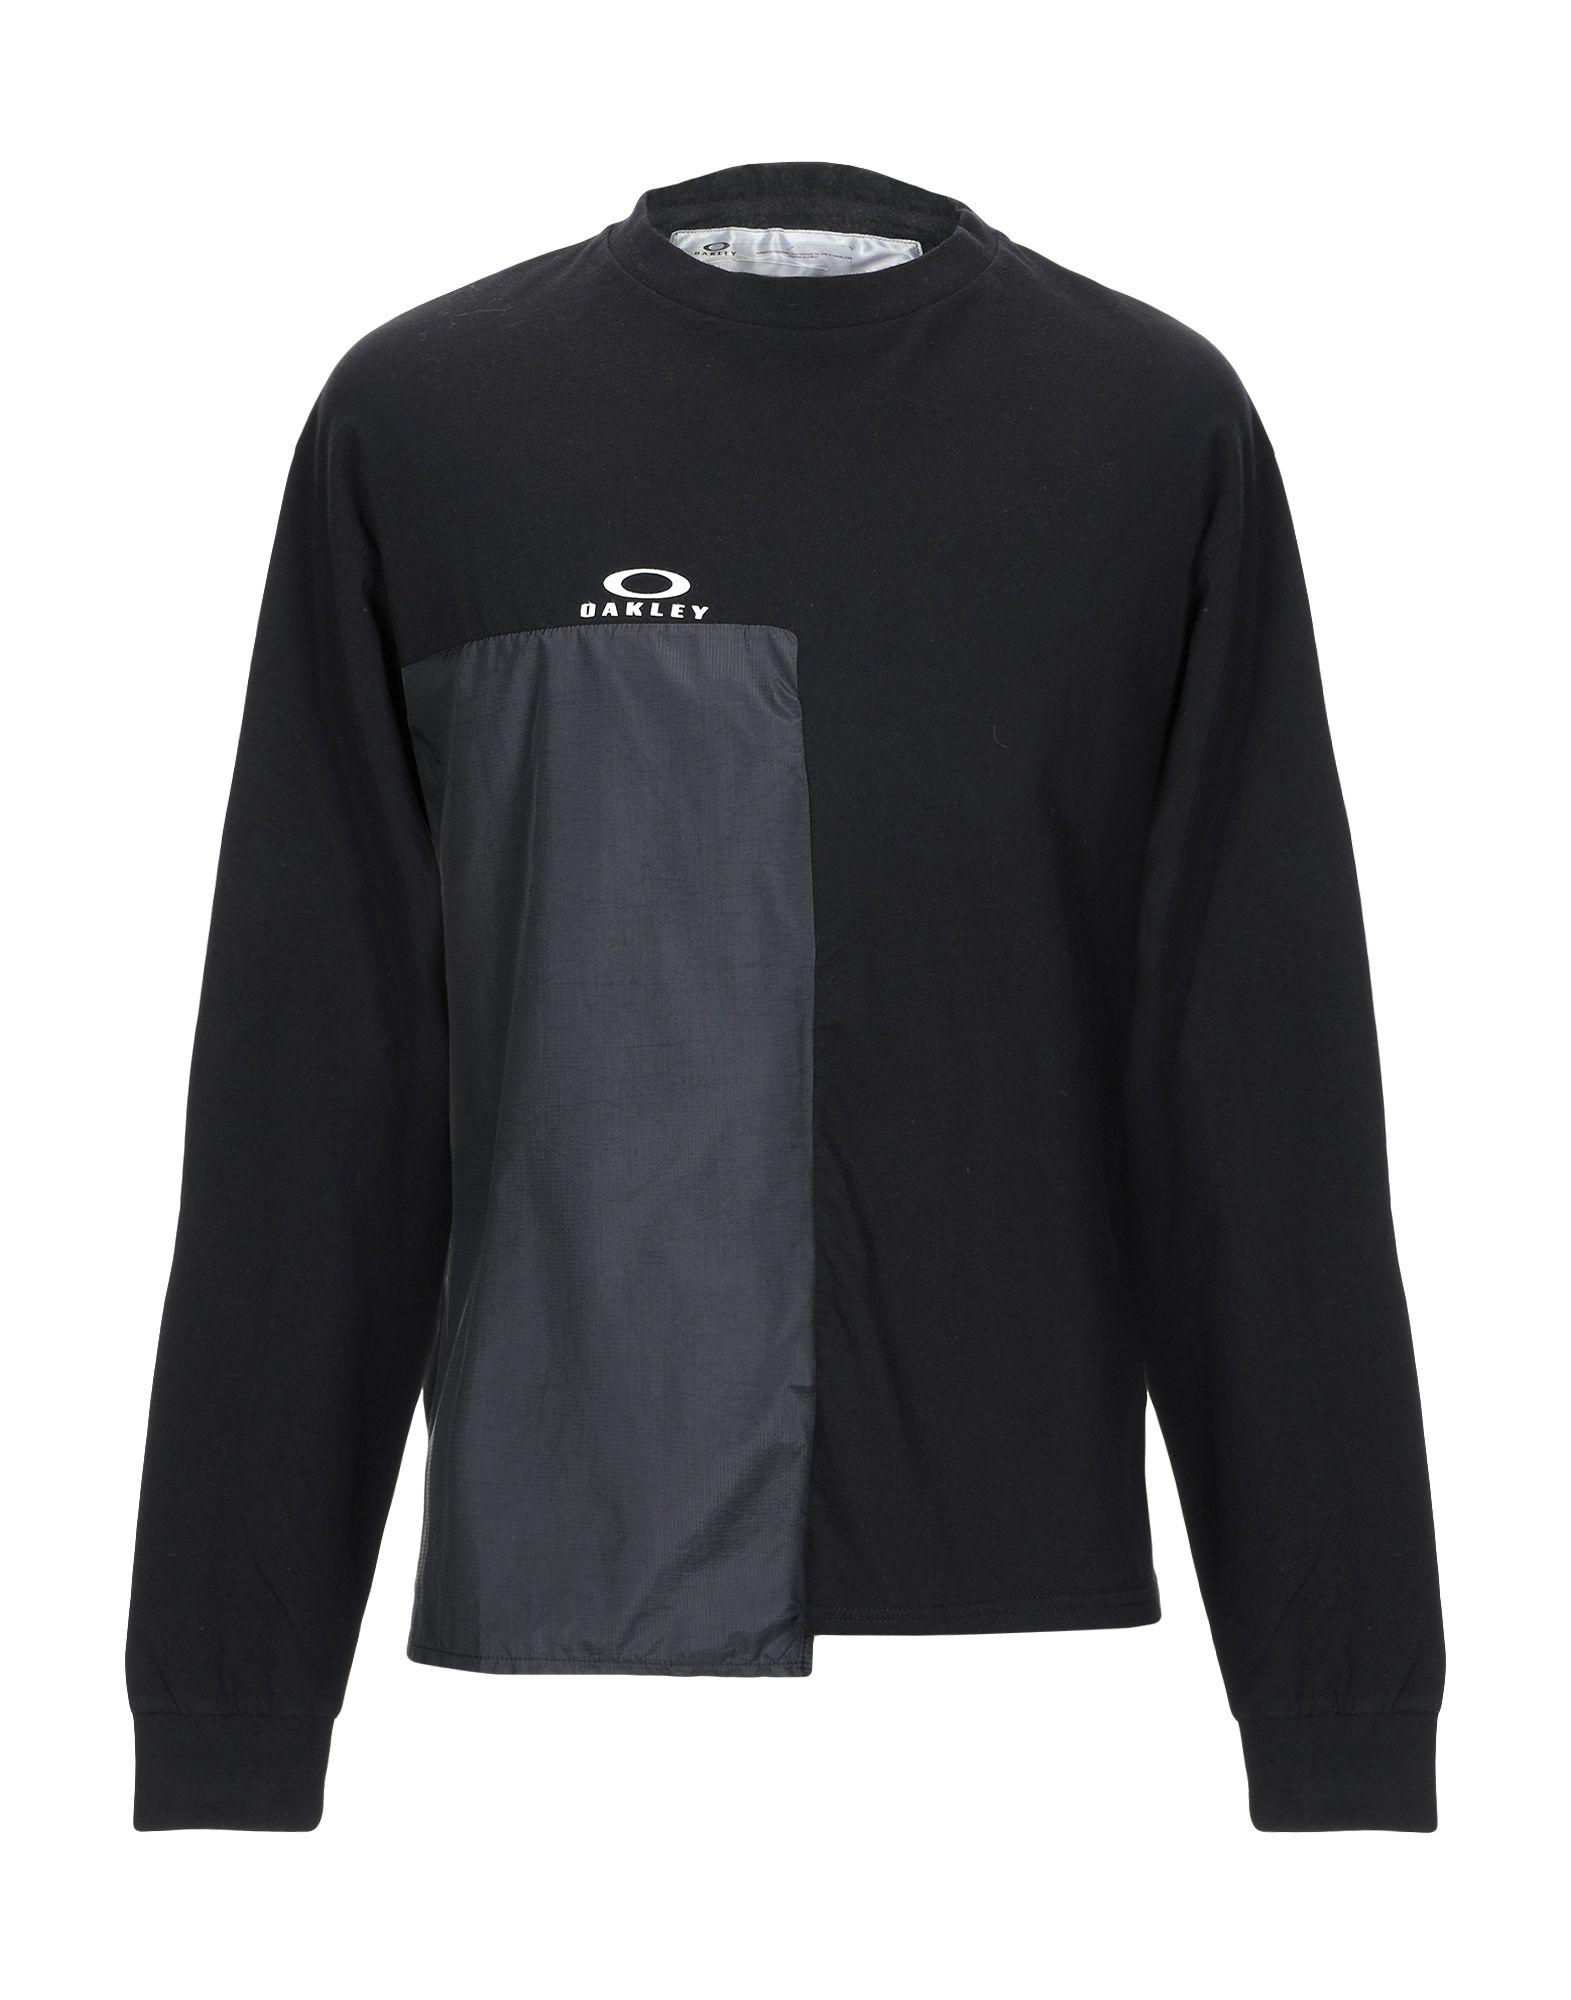 《期間限定セール中》OAKLEY メンズ T シャツ ブラック M コットン 100%